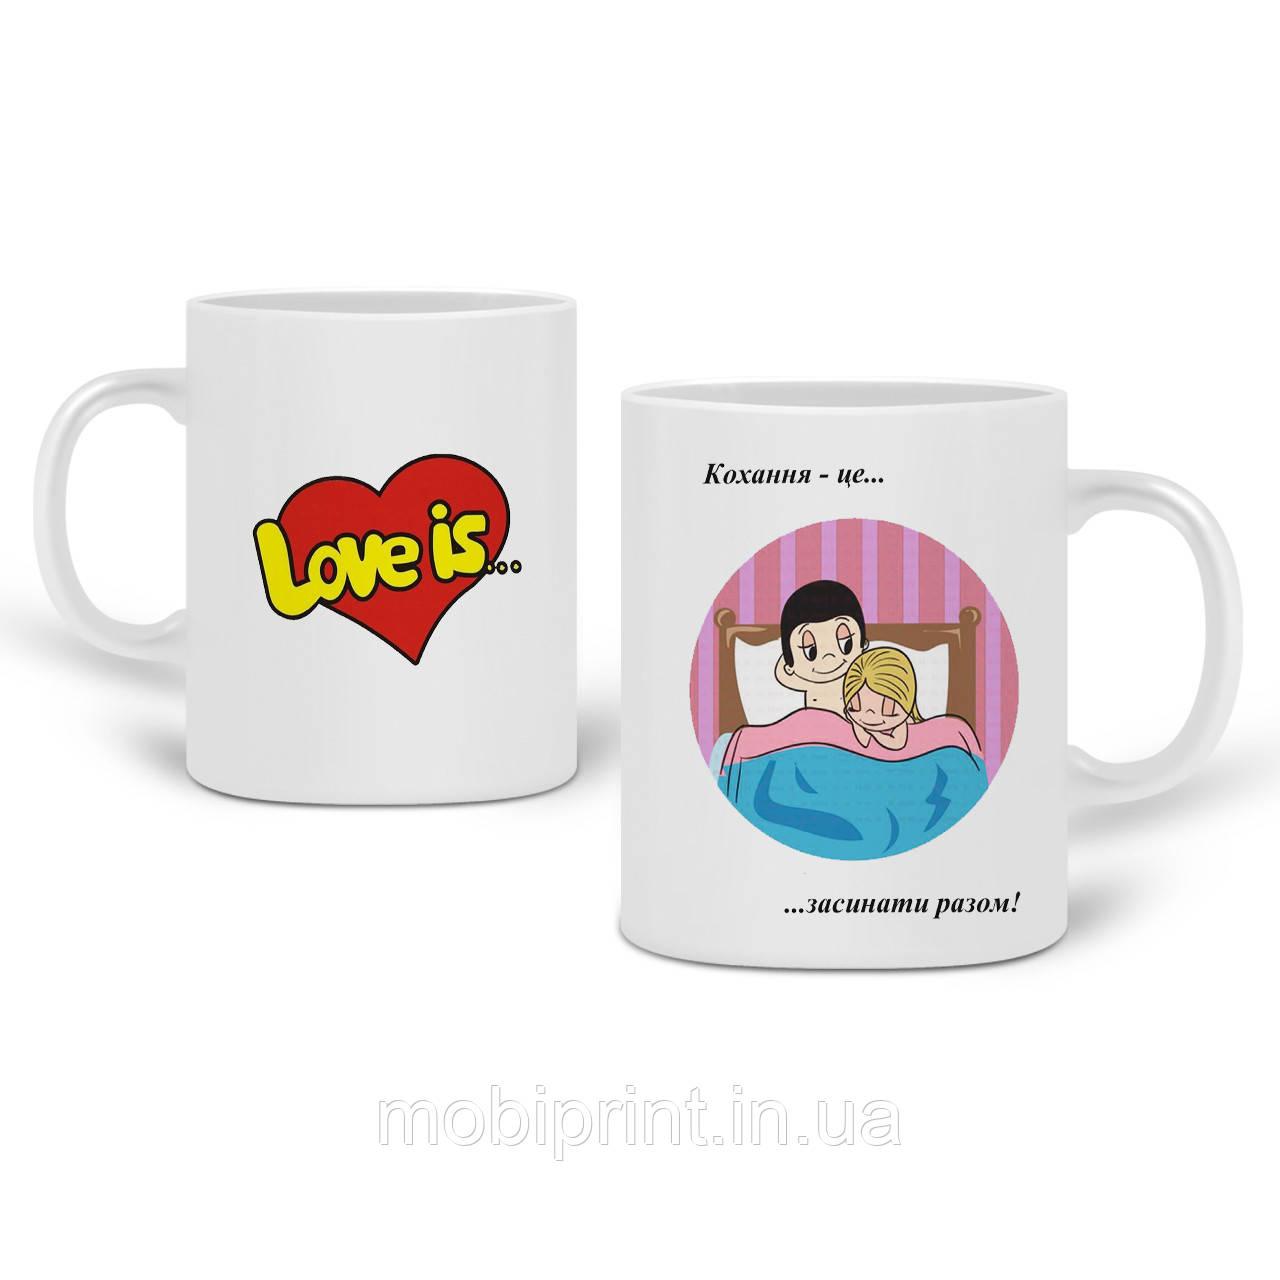 Кружка Love is 330 мл Чашка Керамическая (20259-1313)